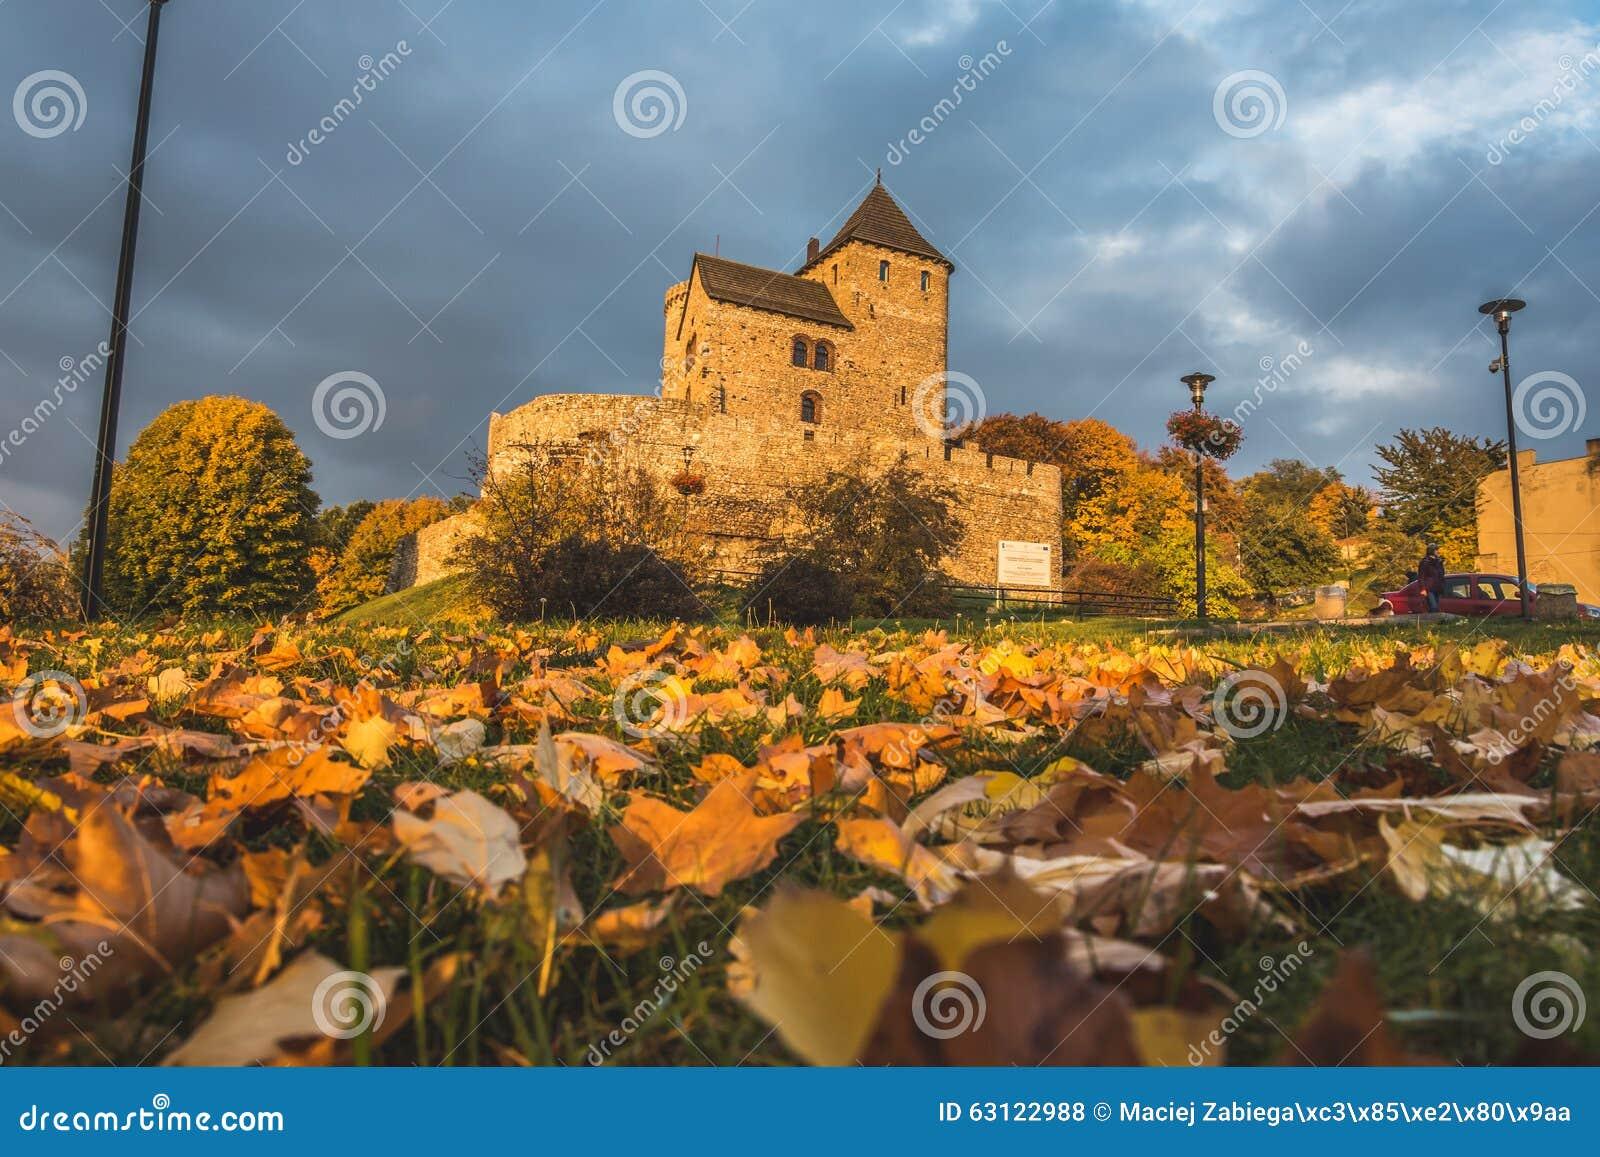 castle bedzin poland medieval - photo #30